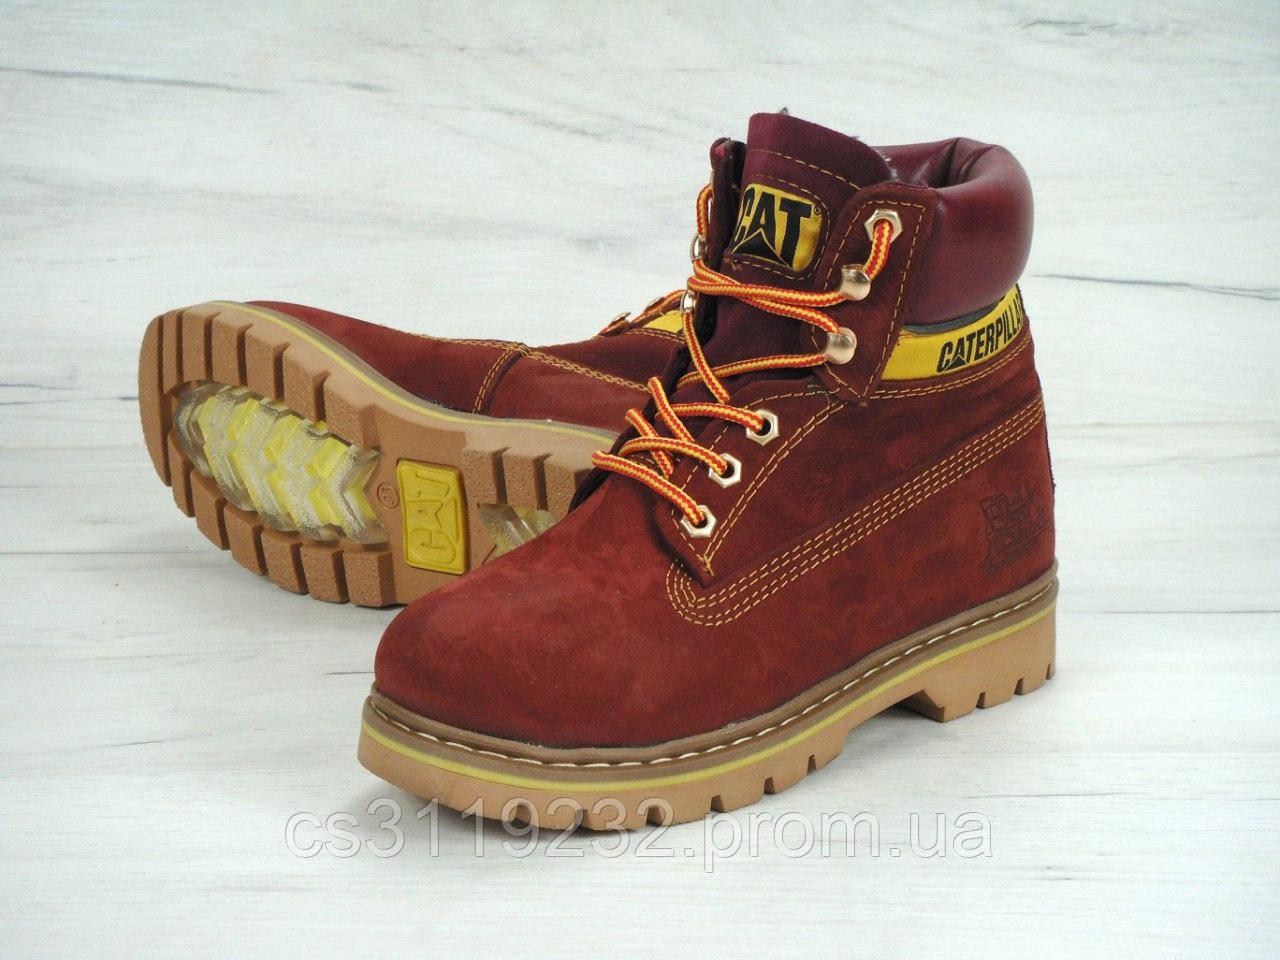 Женские ботинки зимние Caterpillar (мех) (бордовый)